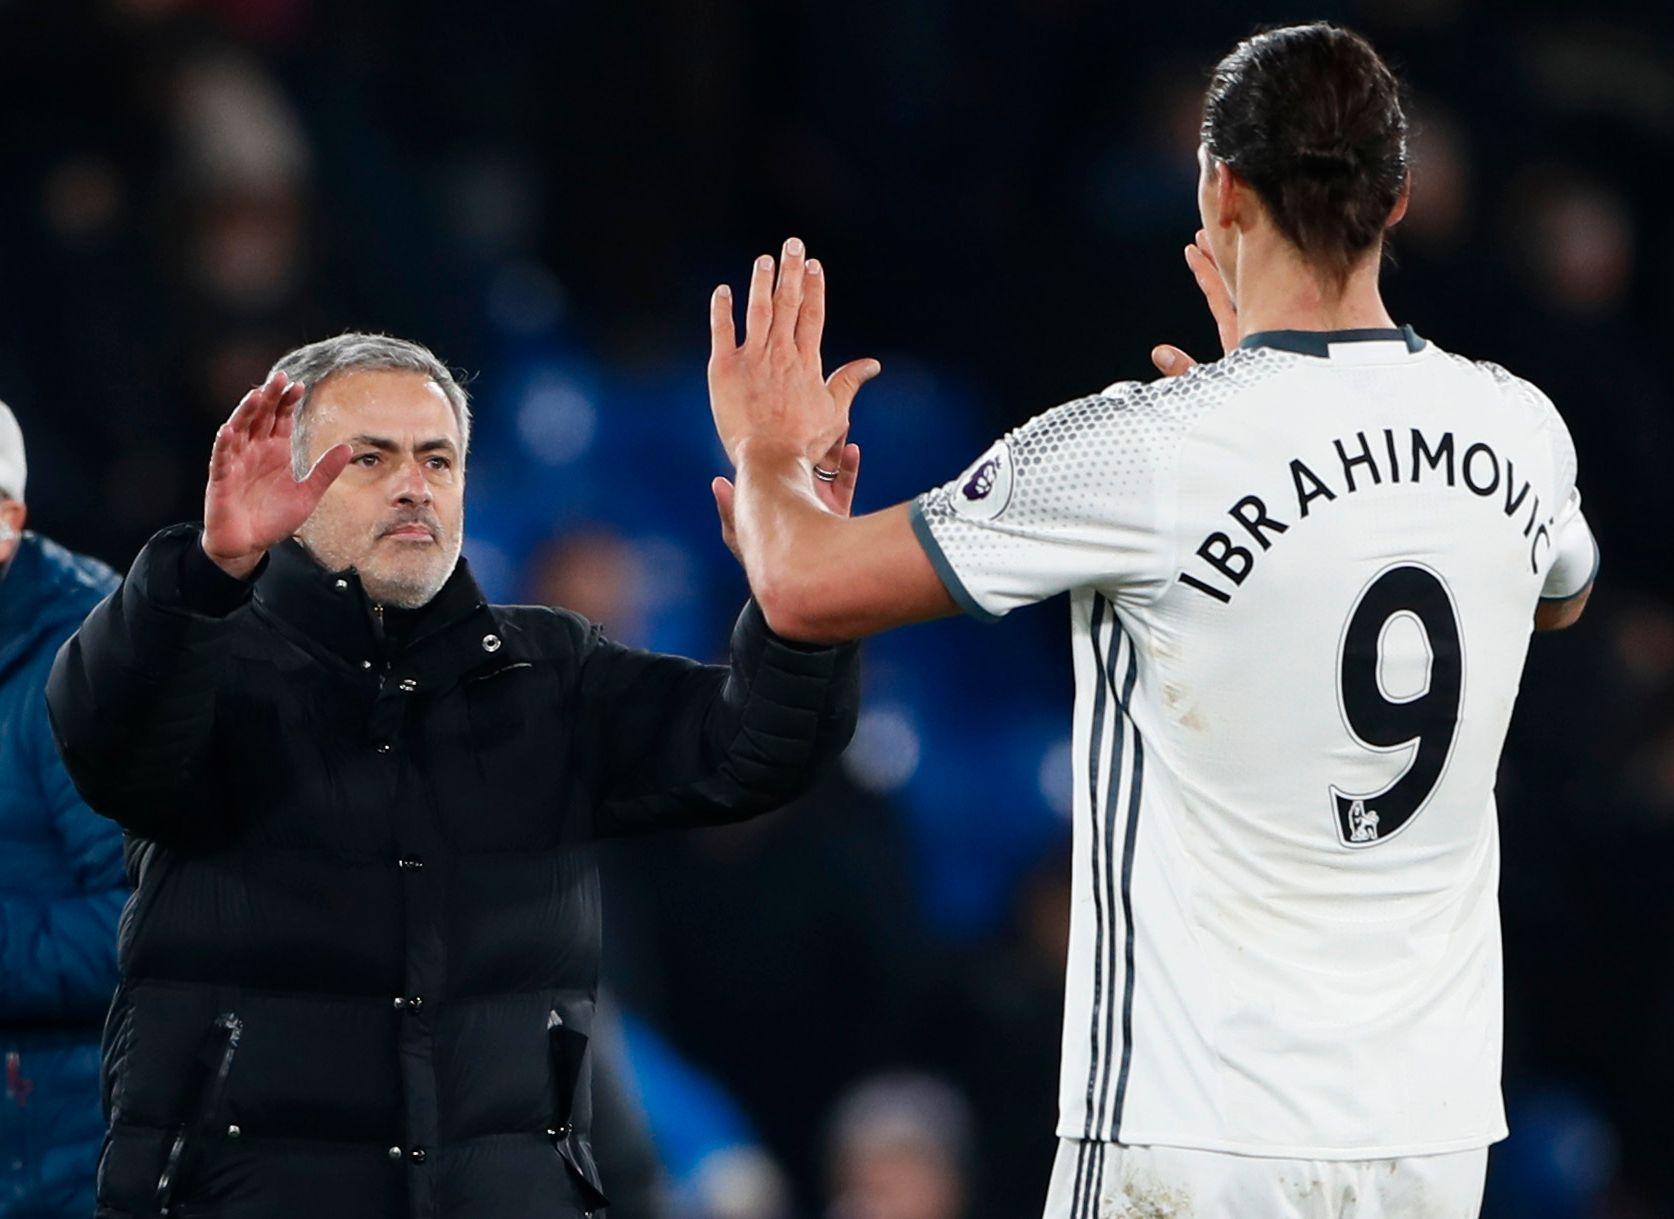 SKILLER LAG? Zlatan Ibrahimovic og José Mourinho etter en kamp mot Crystal Palace i fjor.